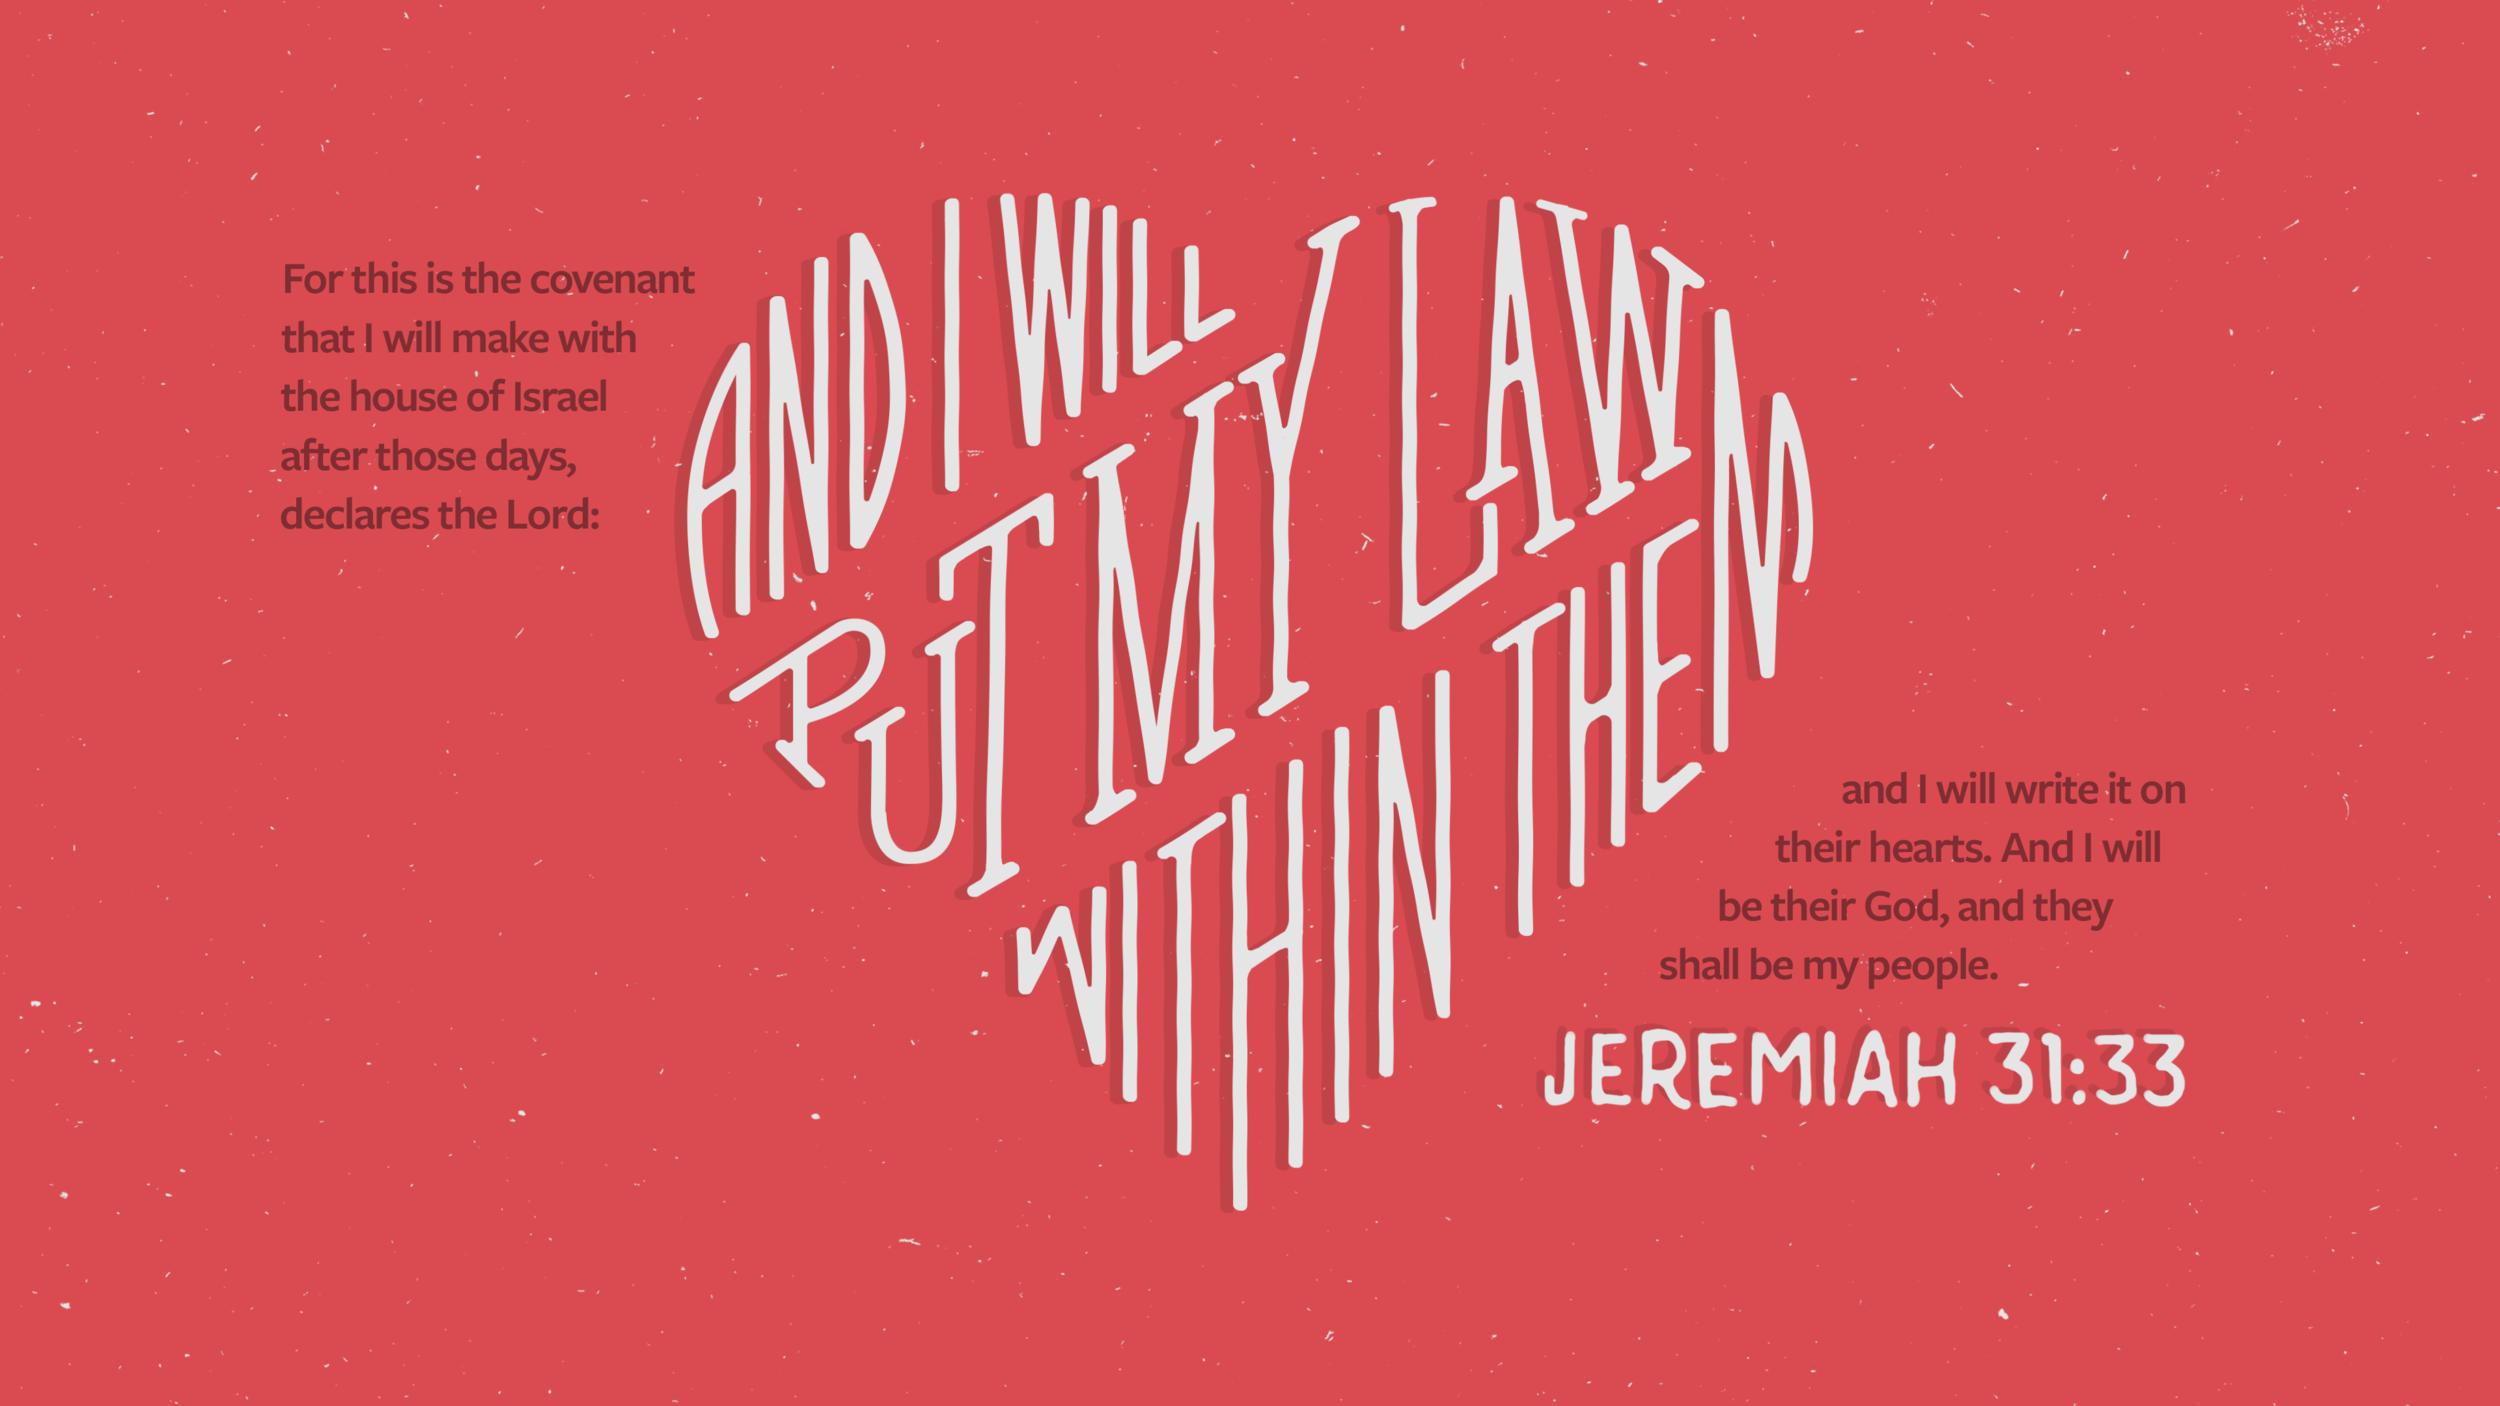 Jeremiah_31_33_3840x2160.png